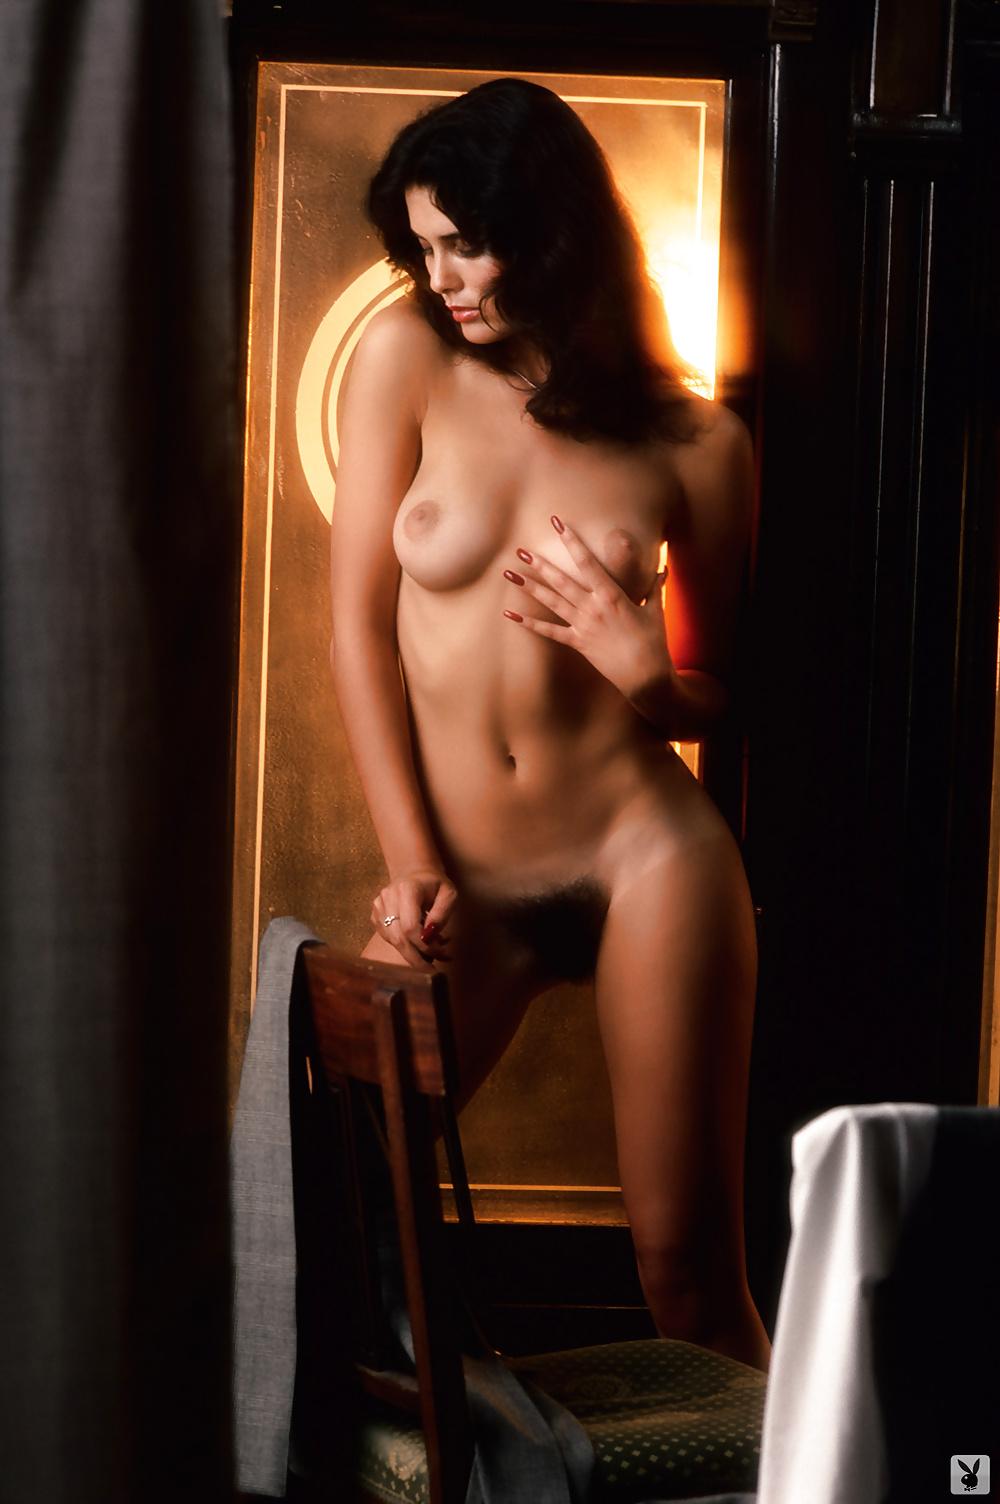 Jennifer carpenter nude celebrities